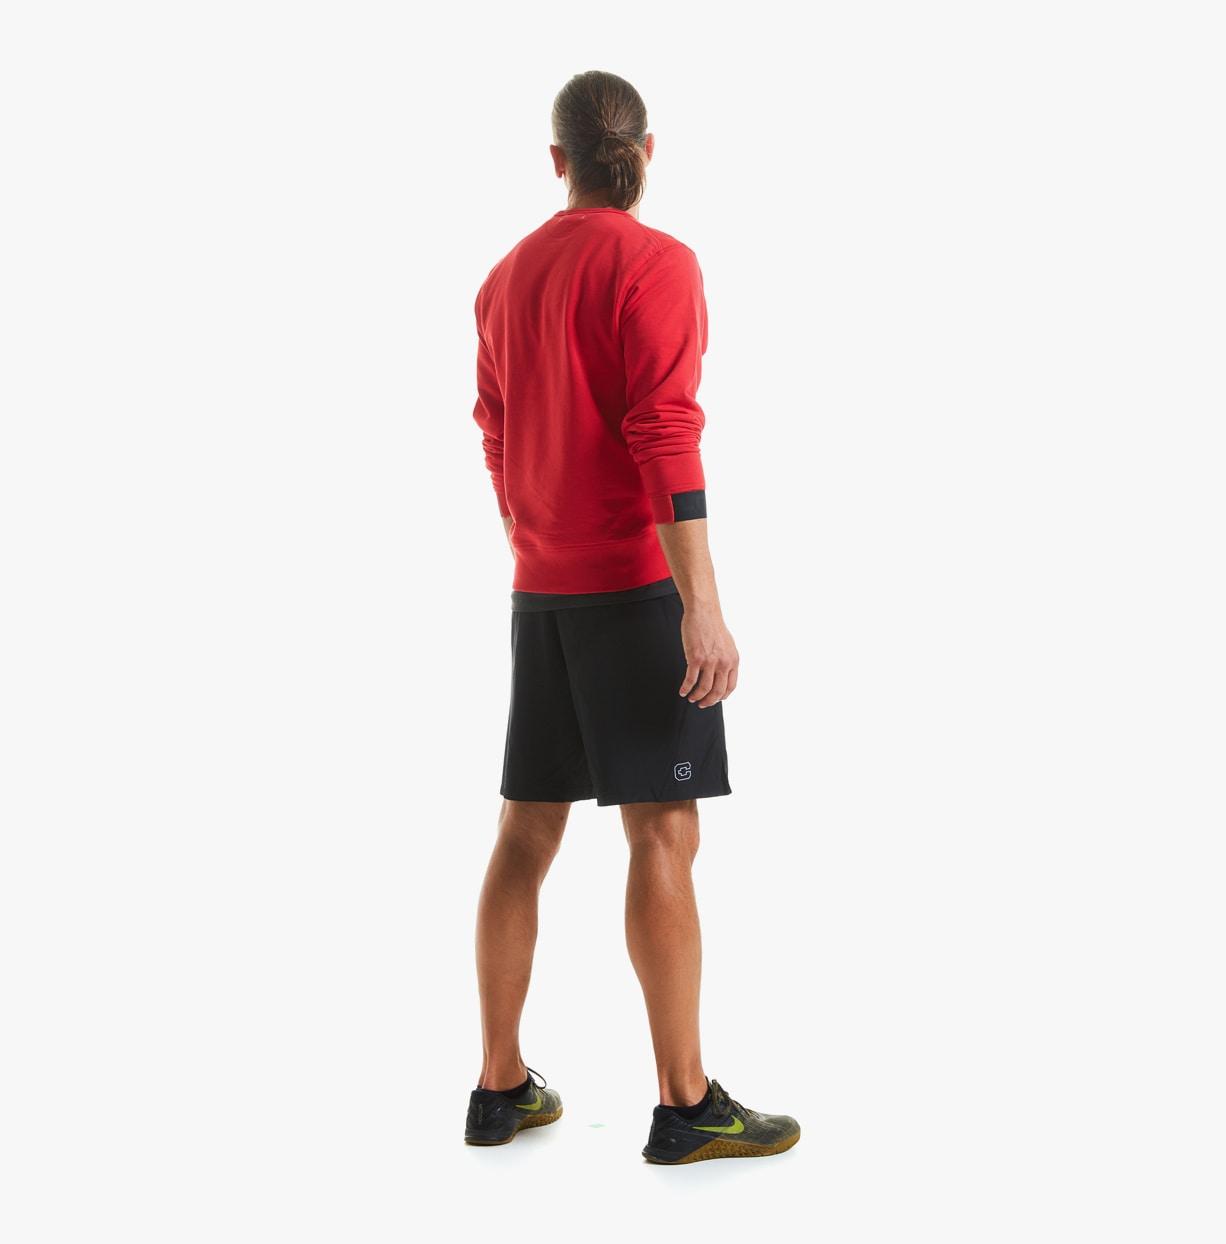 cln-midline-sweat-red1